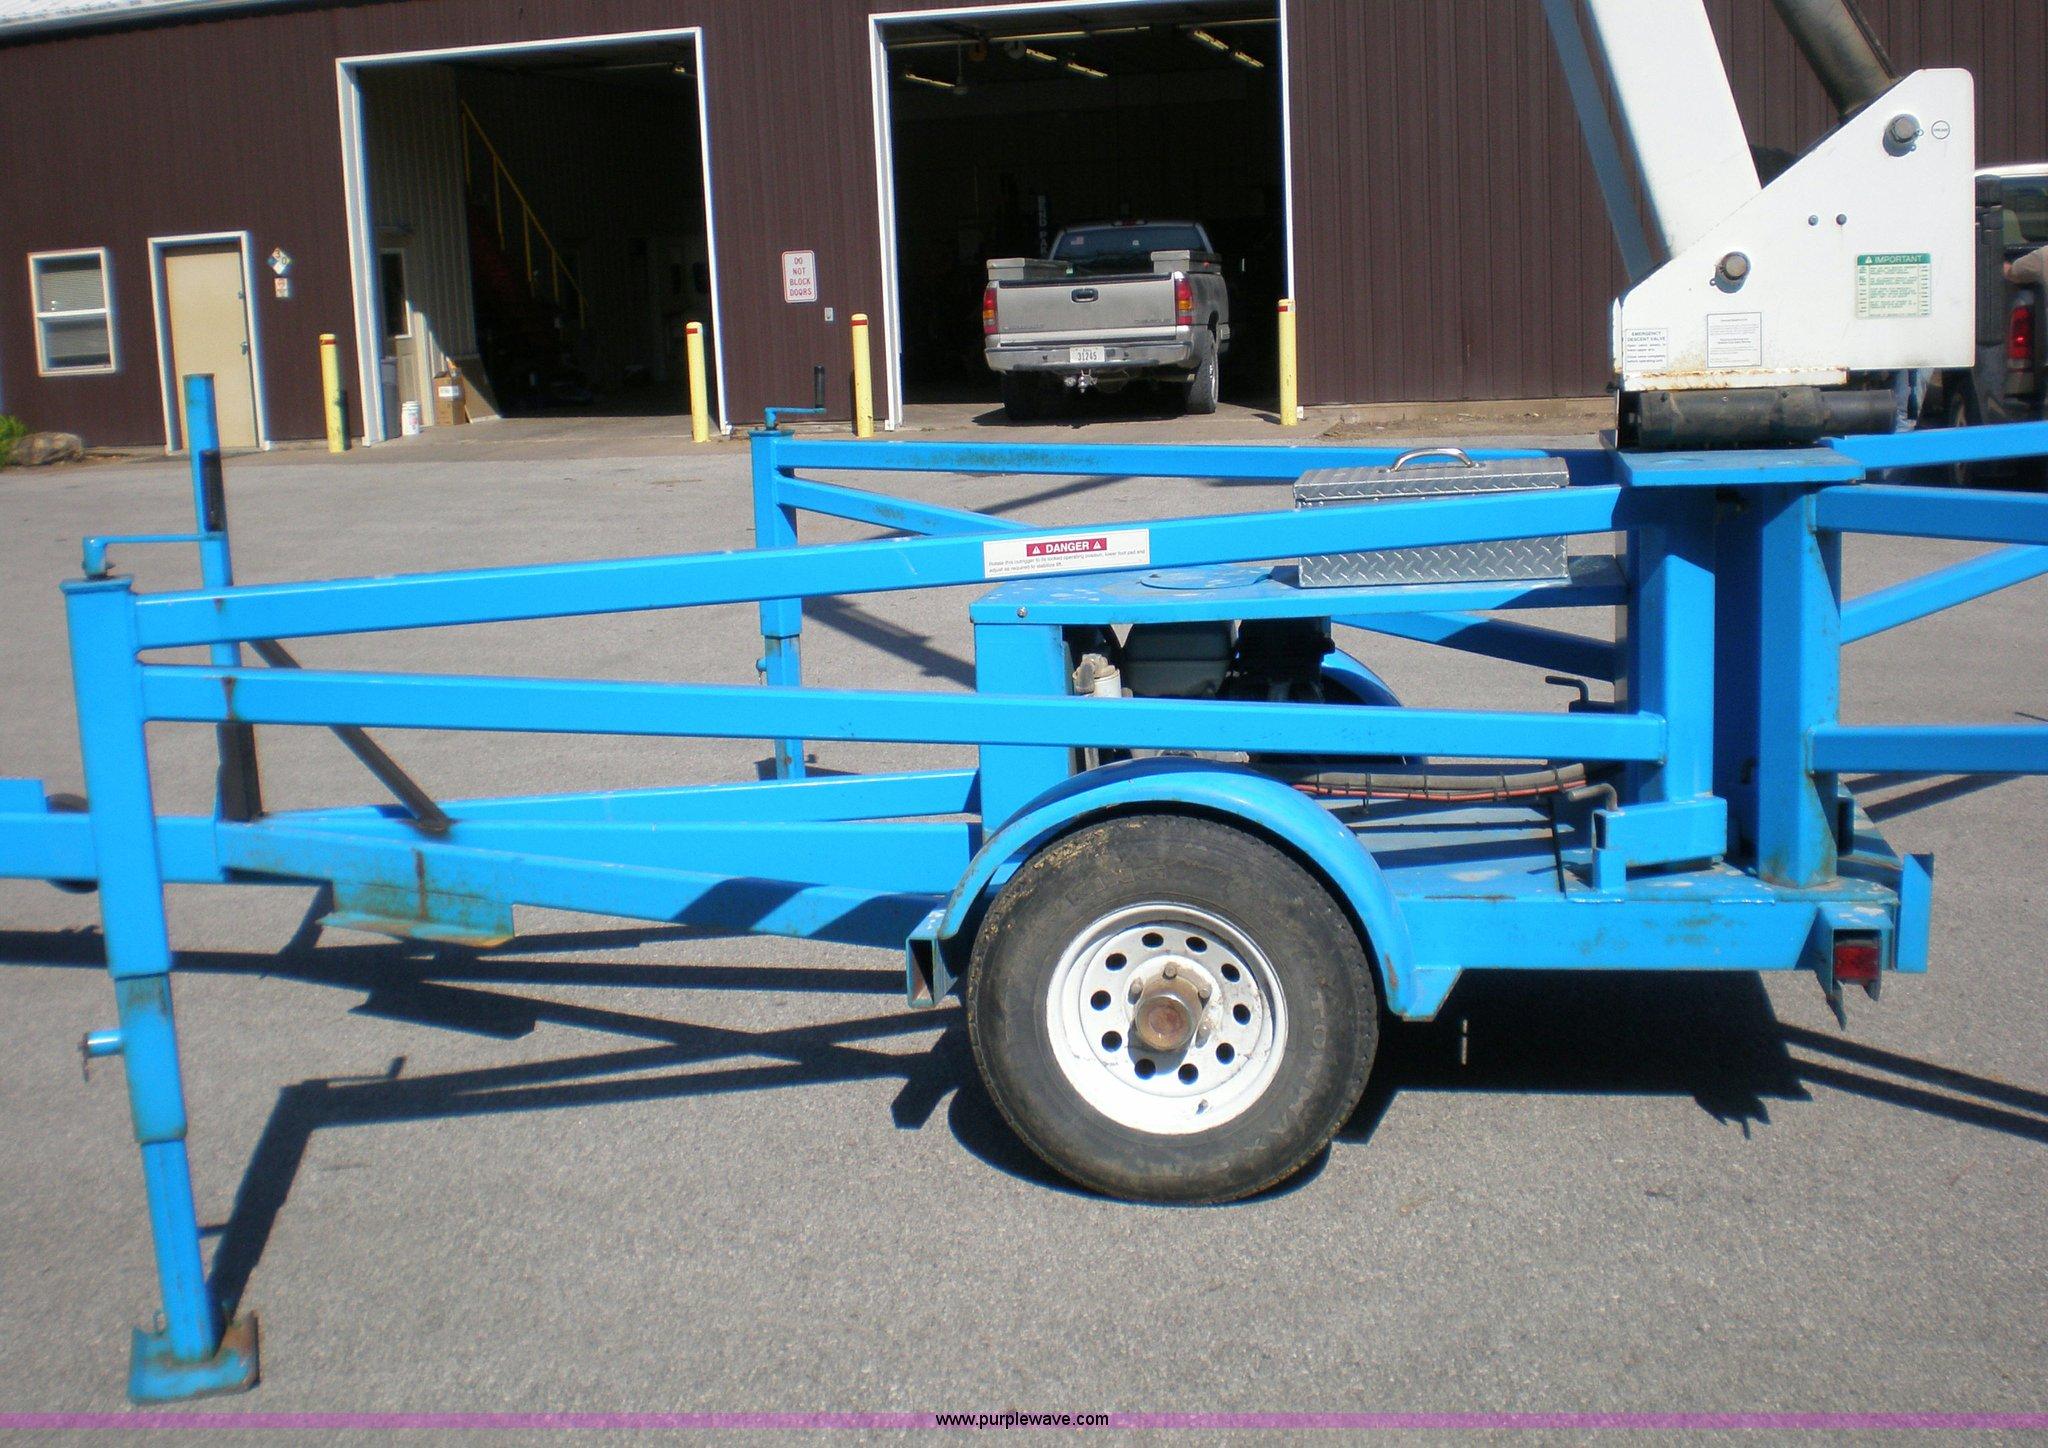 Eagle 2 45 Lift Wiring Diagram Detailed Schematics 1996 Gmc Sierra Trailer 1997 Ameriquip Boom Item 1460 Sold Octo Yukon